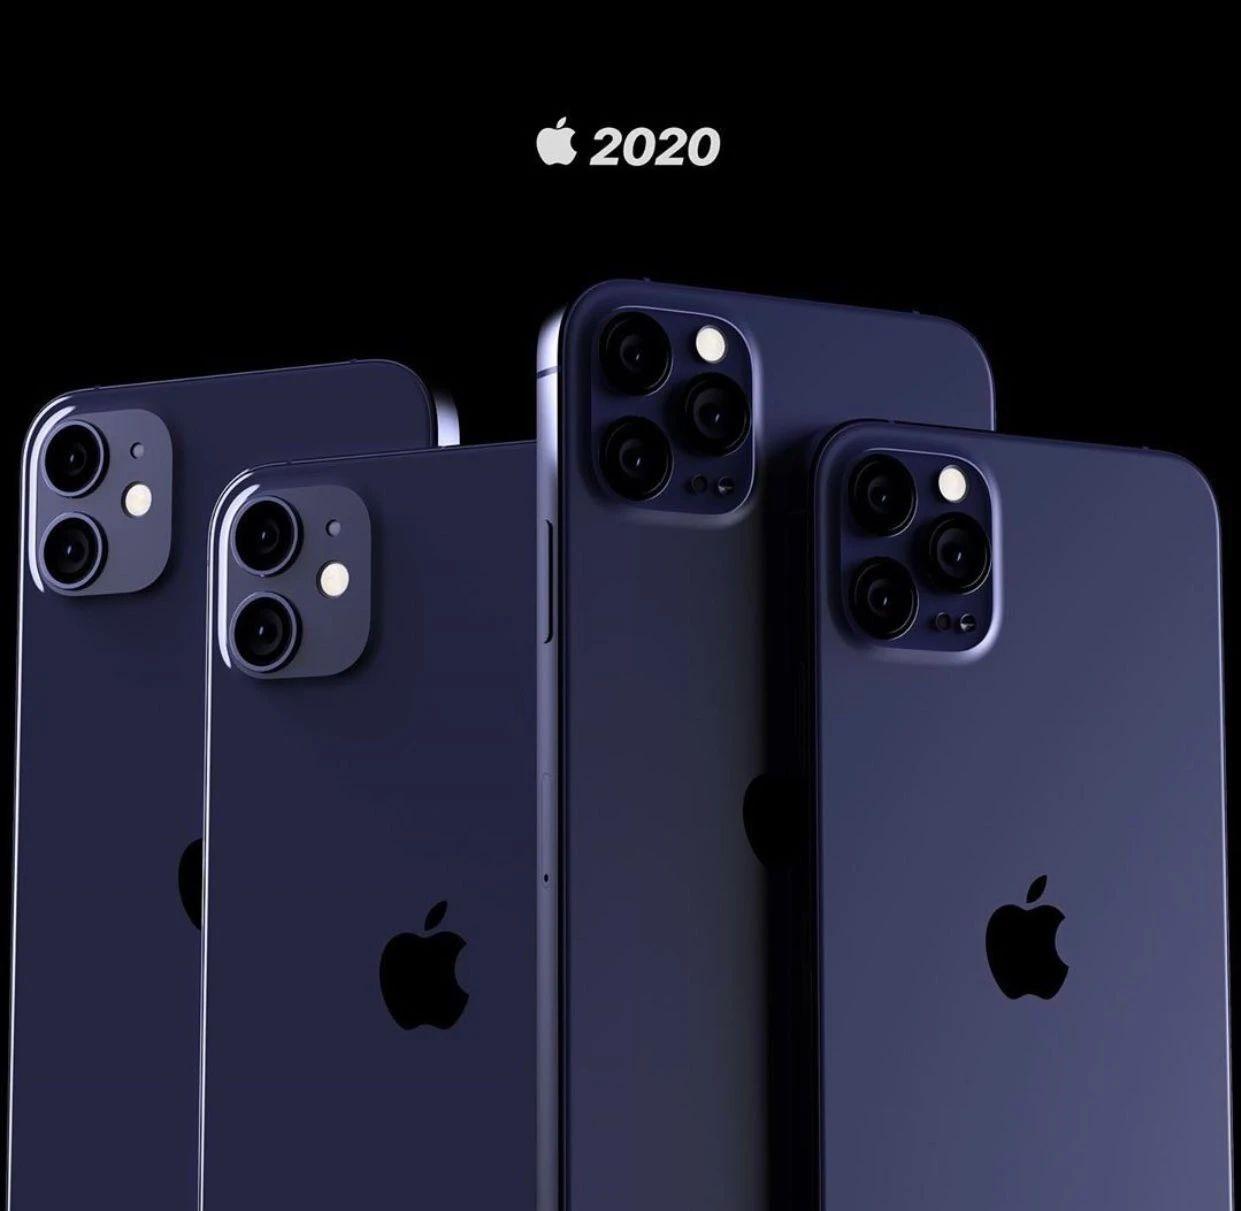 除了支持5G外,iPhone 12会带来什么新科技甚至黑科技呢?